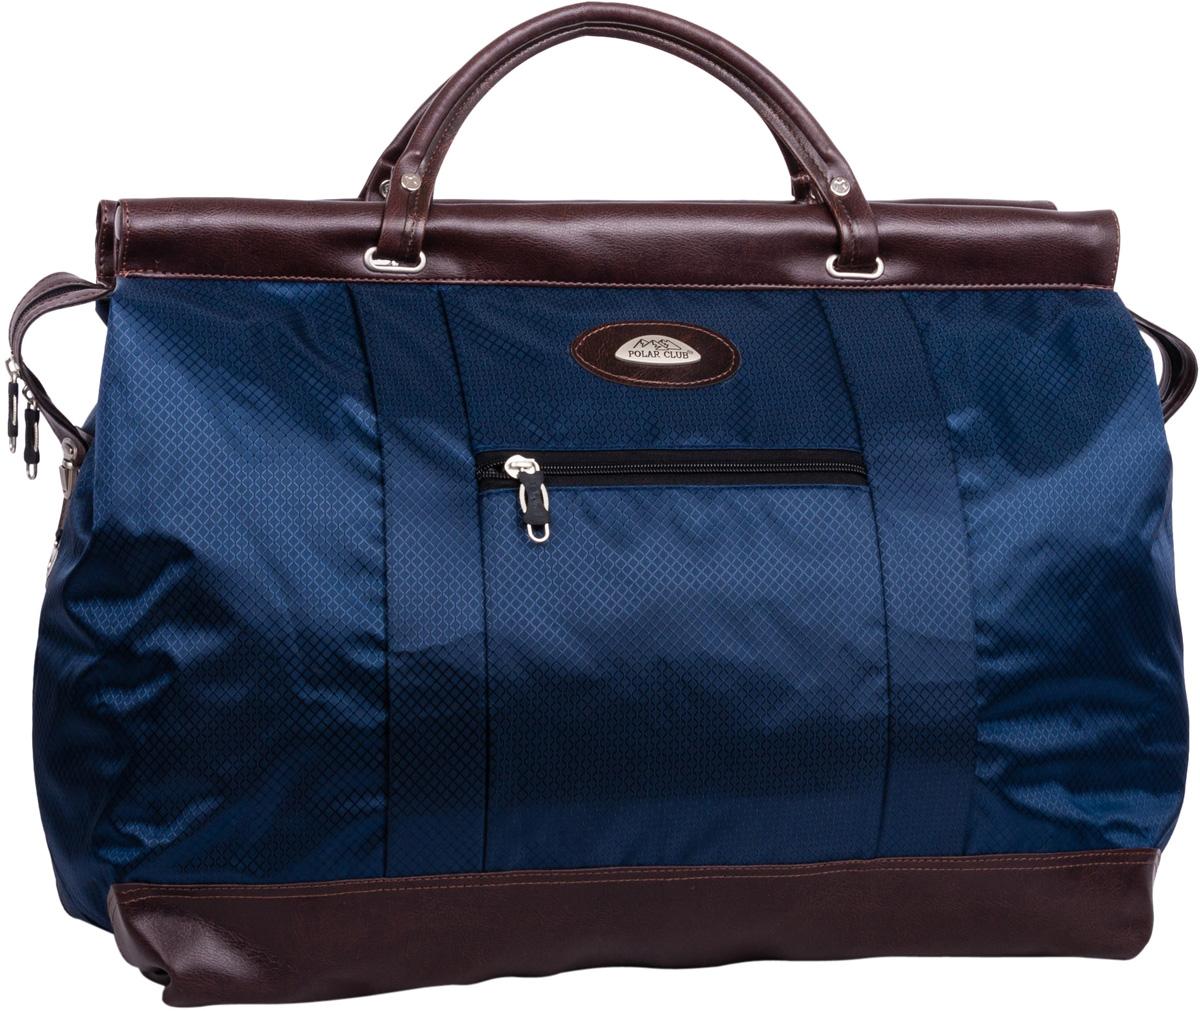 Саквояж Polar, на колесах, цвет: синий, 47 л, 52 х 41 х 22 см7021.2Большая вместительная, дорожная сумка из жаккарда с водоотталкивающей пропиткой. Внутри дополнительный карман для документов. Снаружи - два кармана (на внешней и внутренней стороне сумки), для мелких предметов. Дно и ручки выполнены из высокопрочного кожзаменителя. В комплект входит съемный плечевой ремень.